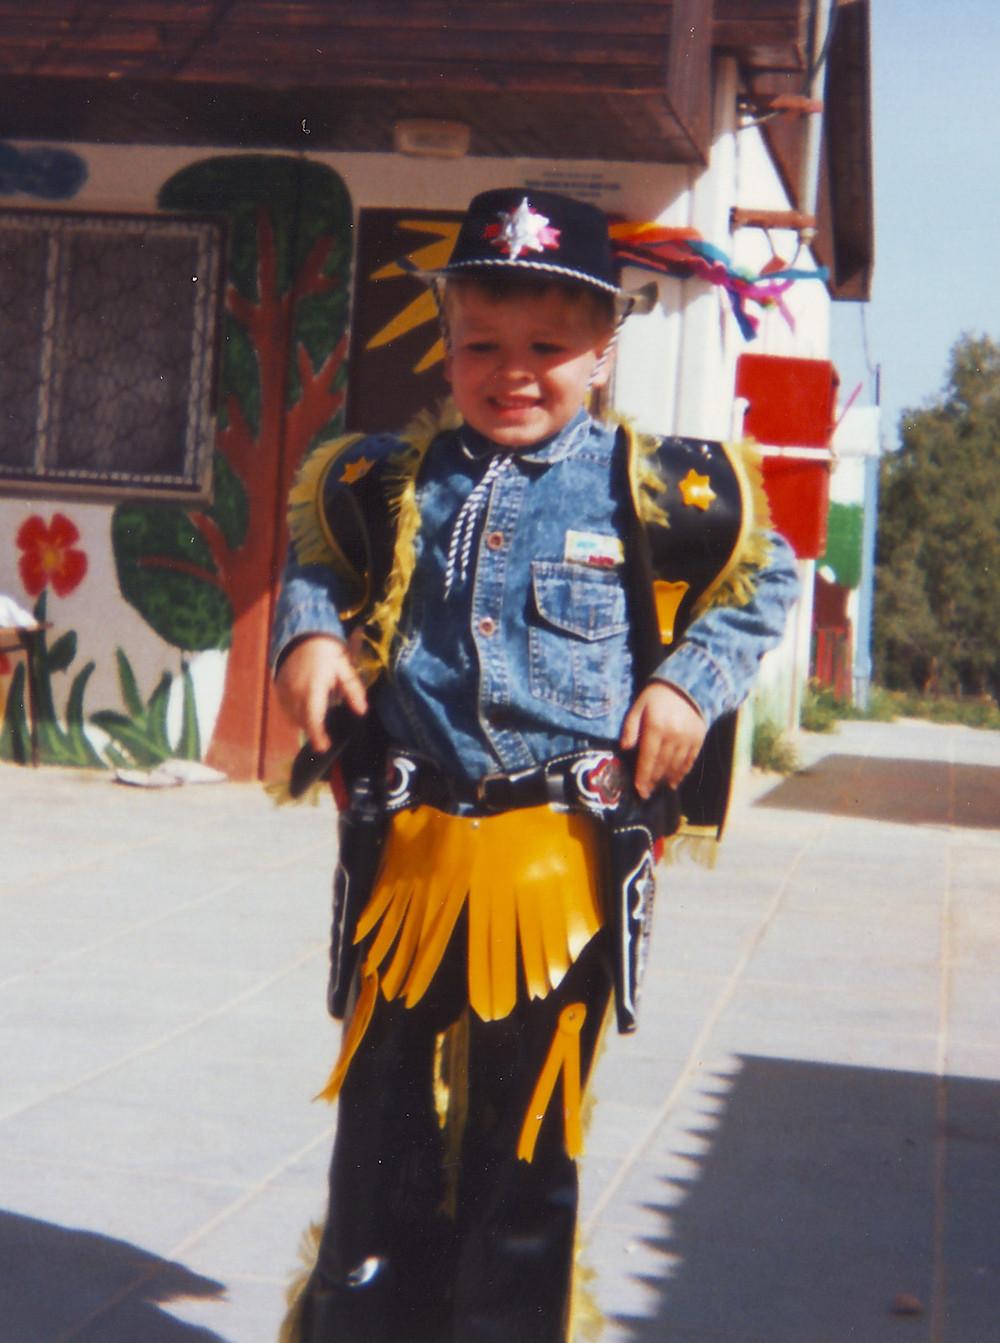 פאבל גלושק בן החמש בתחפושת קאובוי, גן הילדים בשכונה ד' בבאר שבע, 1994. צילום: אלכס גלושק